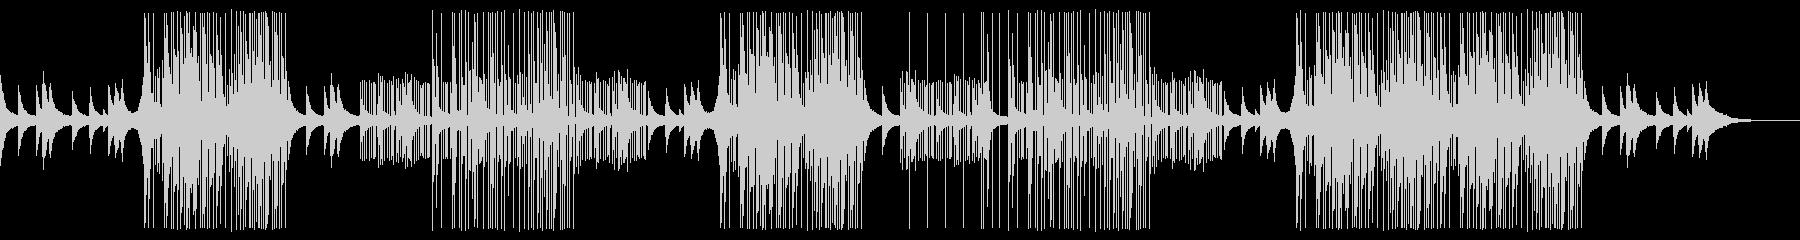 メロディックな洋楽トラップビートの未再生の波形